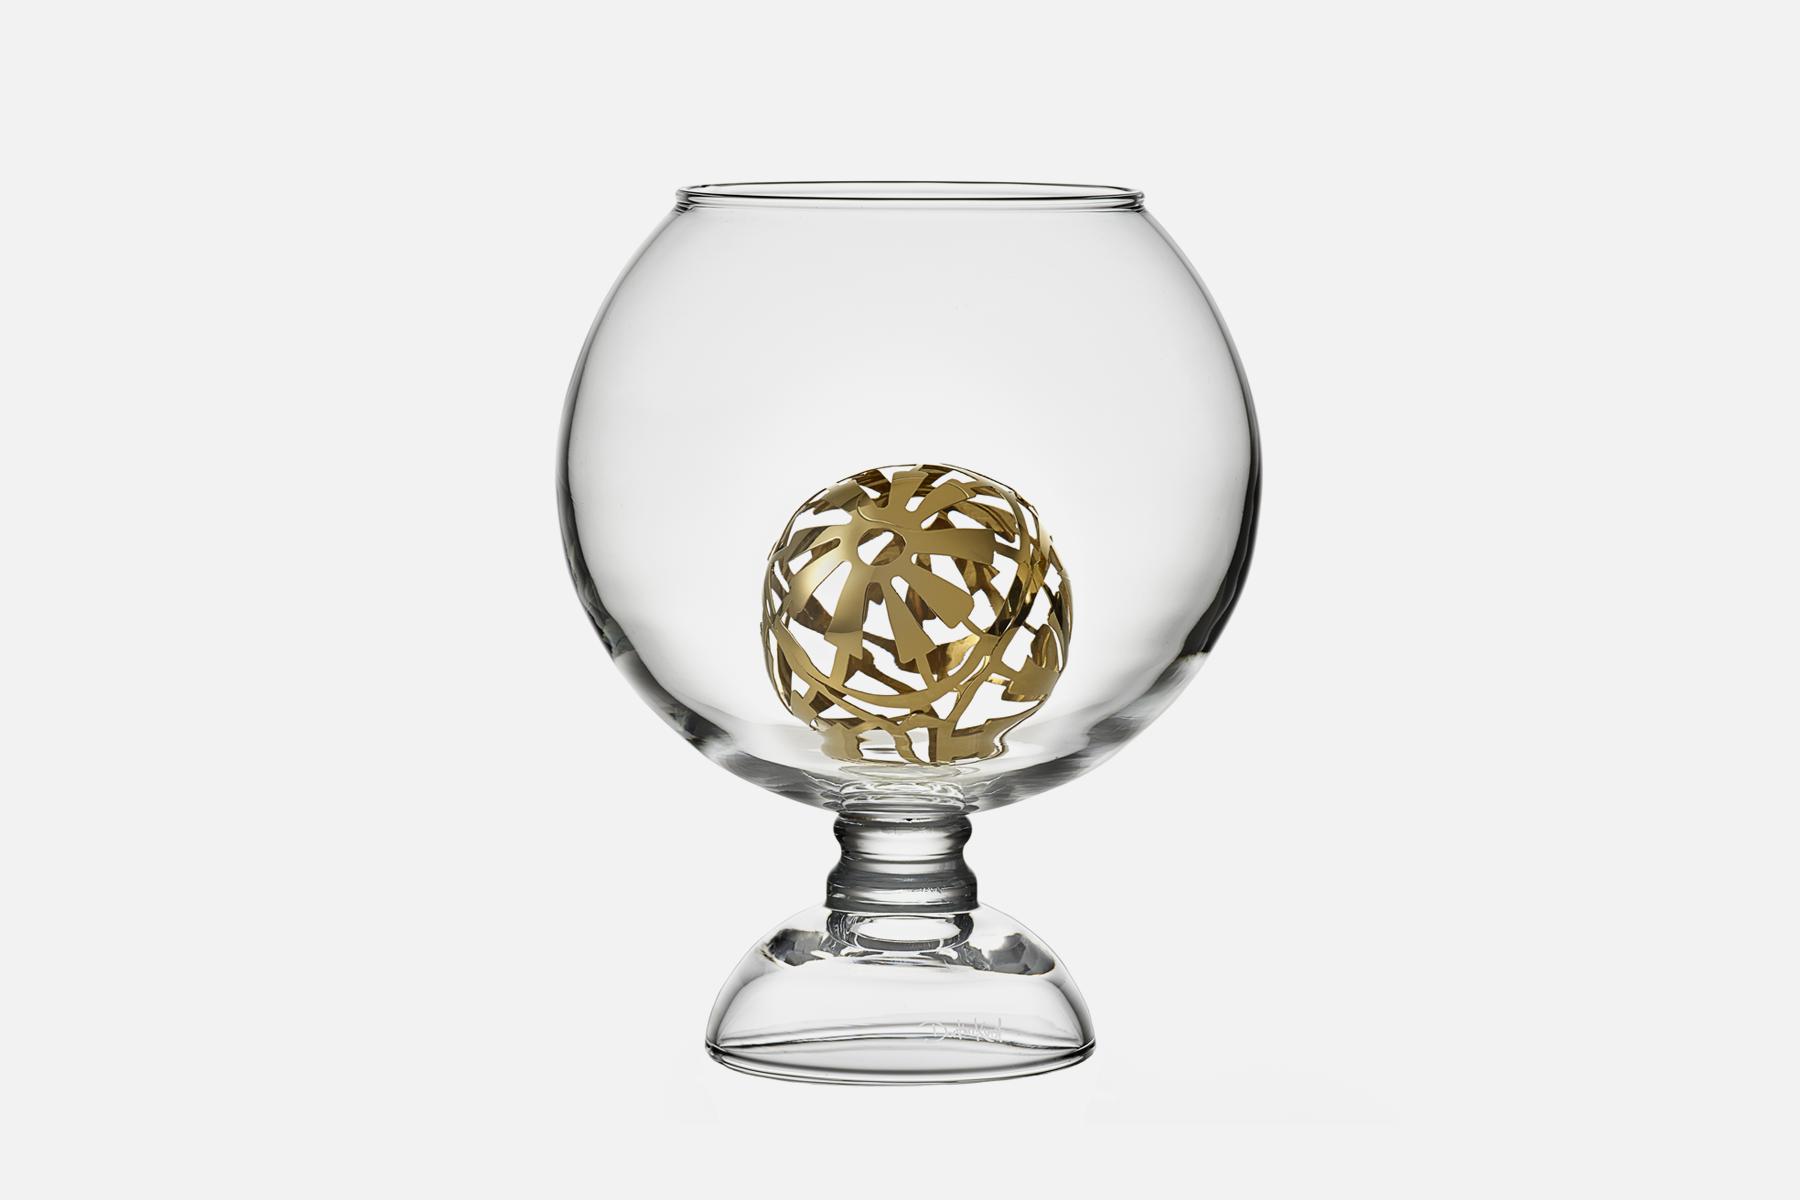 Lush & Lovely vase - 1 pcs, 23.5 cmGlass & steelDesign by Dorthe KvistArt. no.:90430